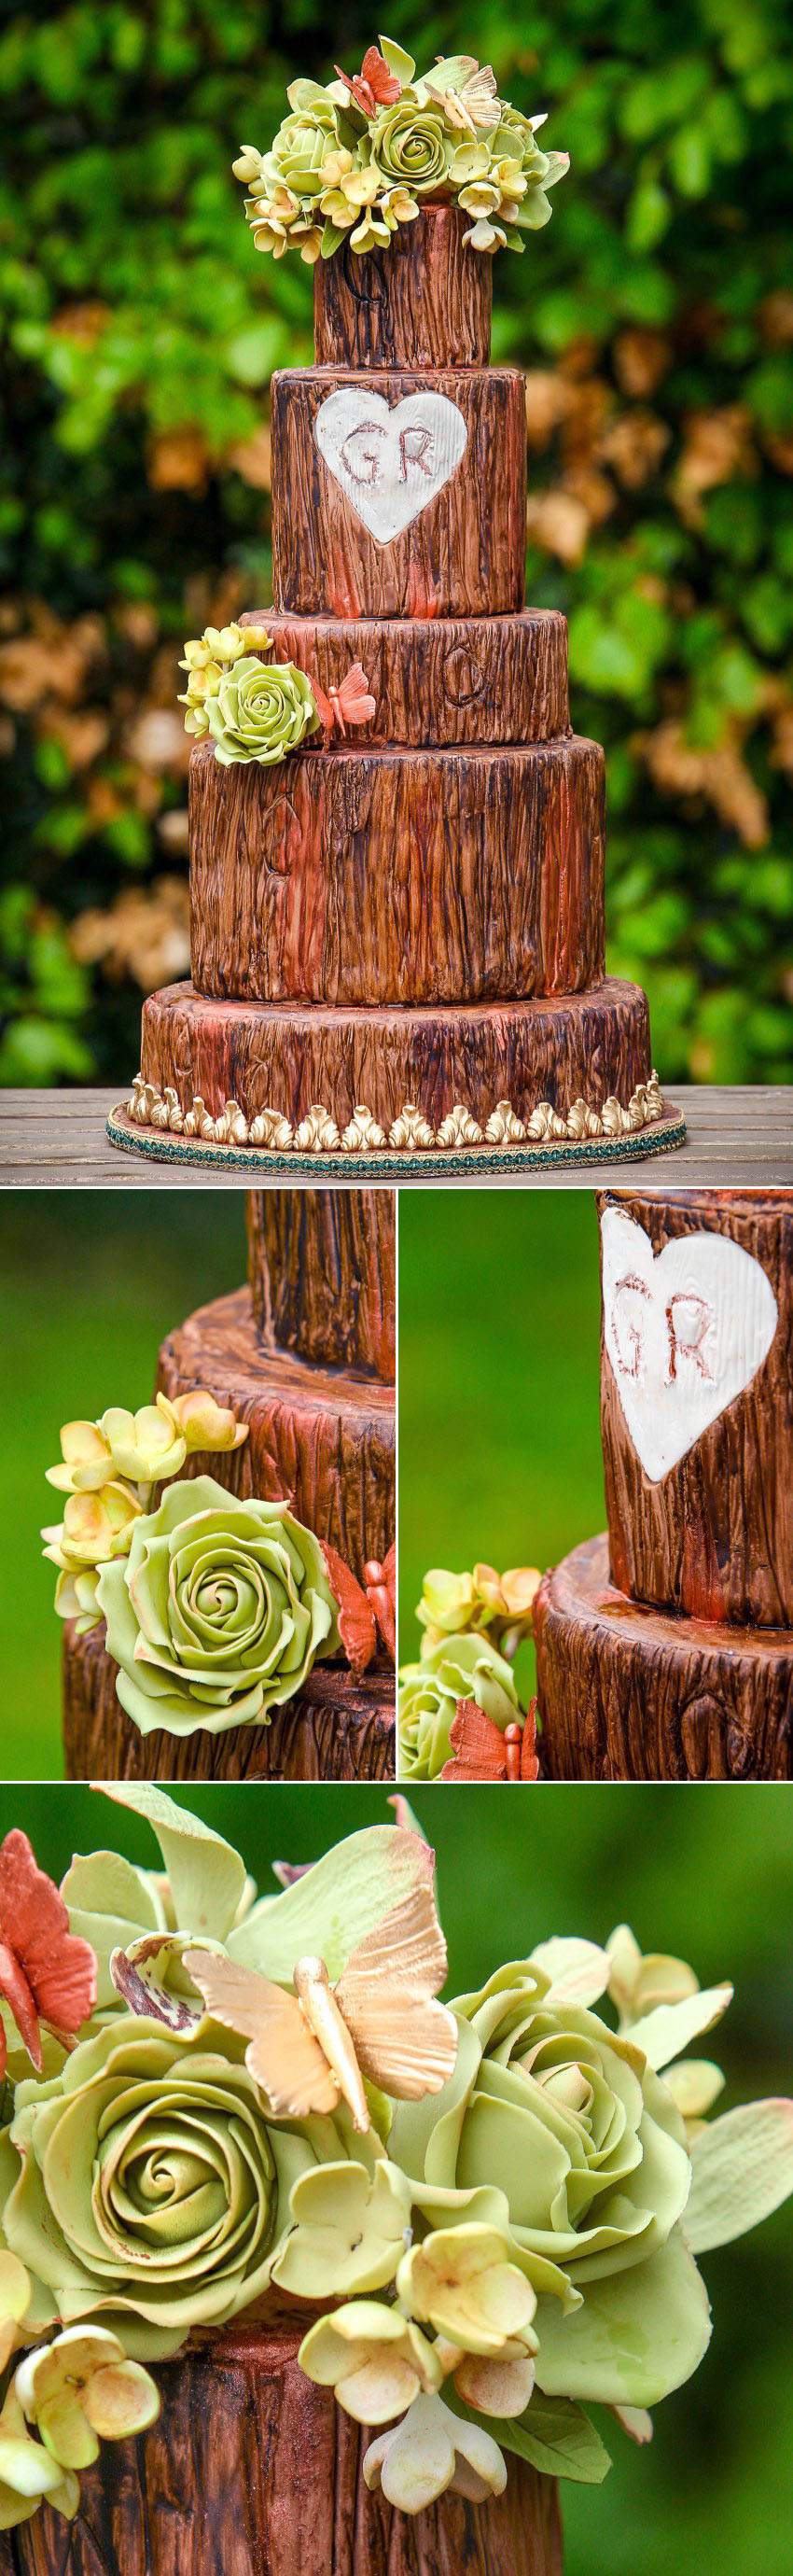 03 Wedding cake photography ECE Opulencia